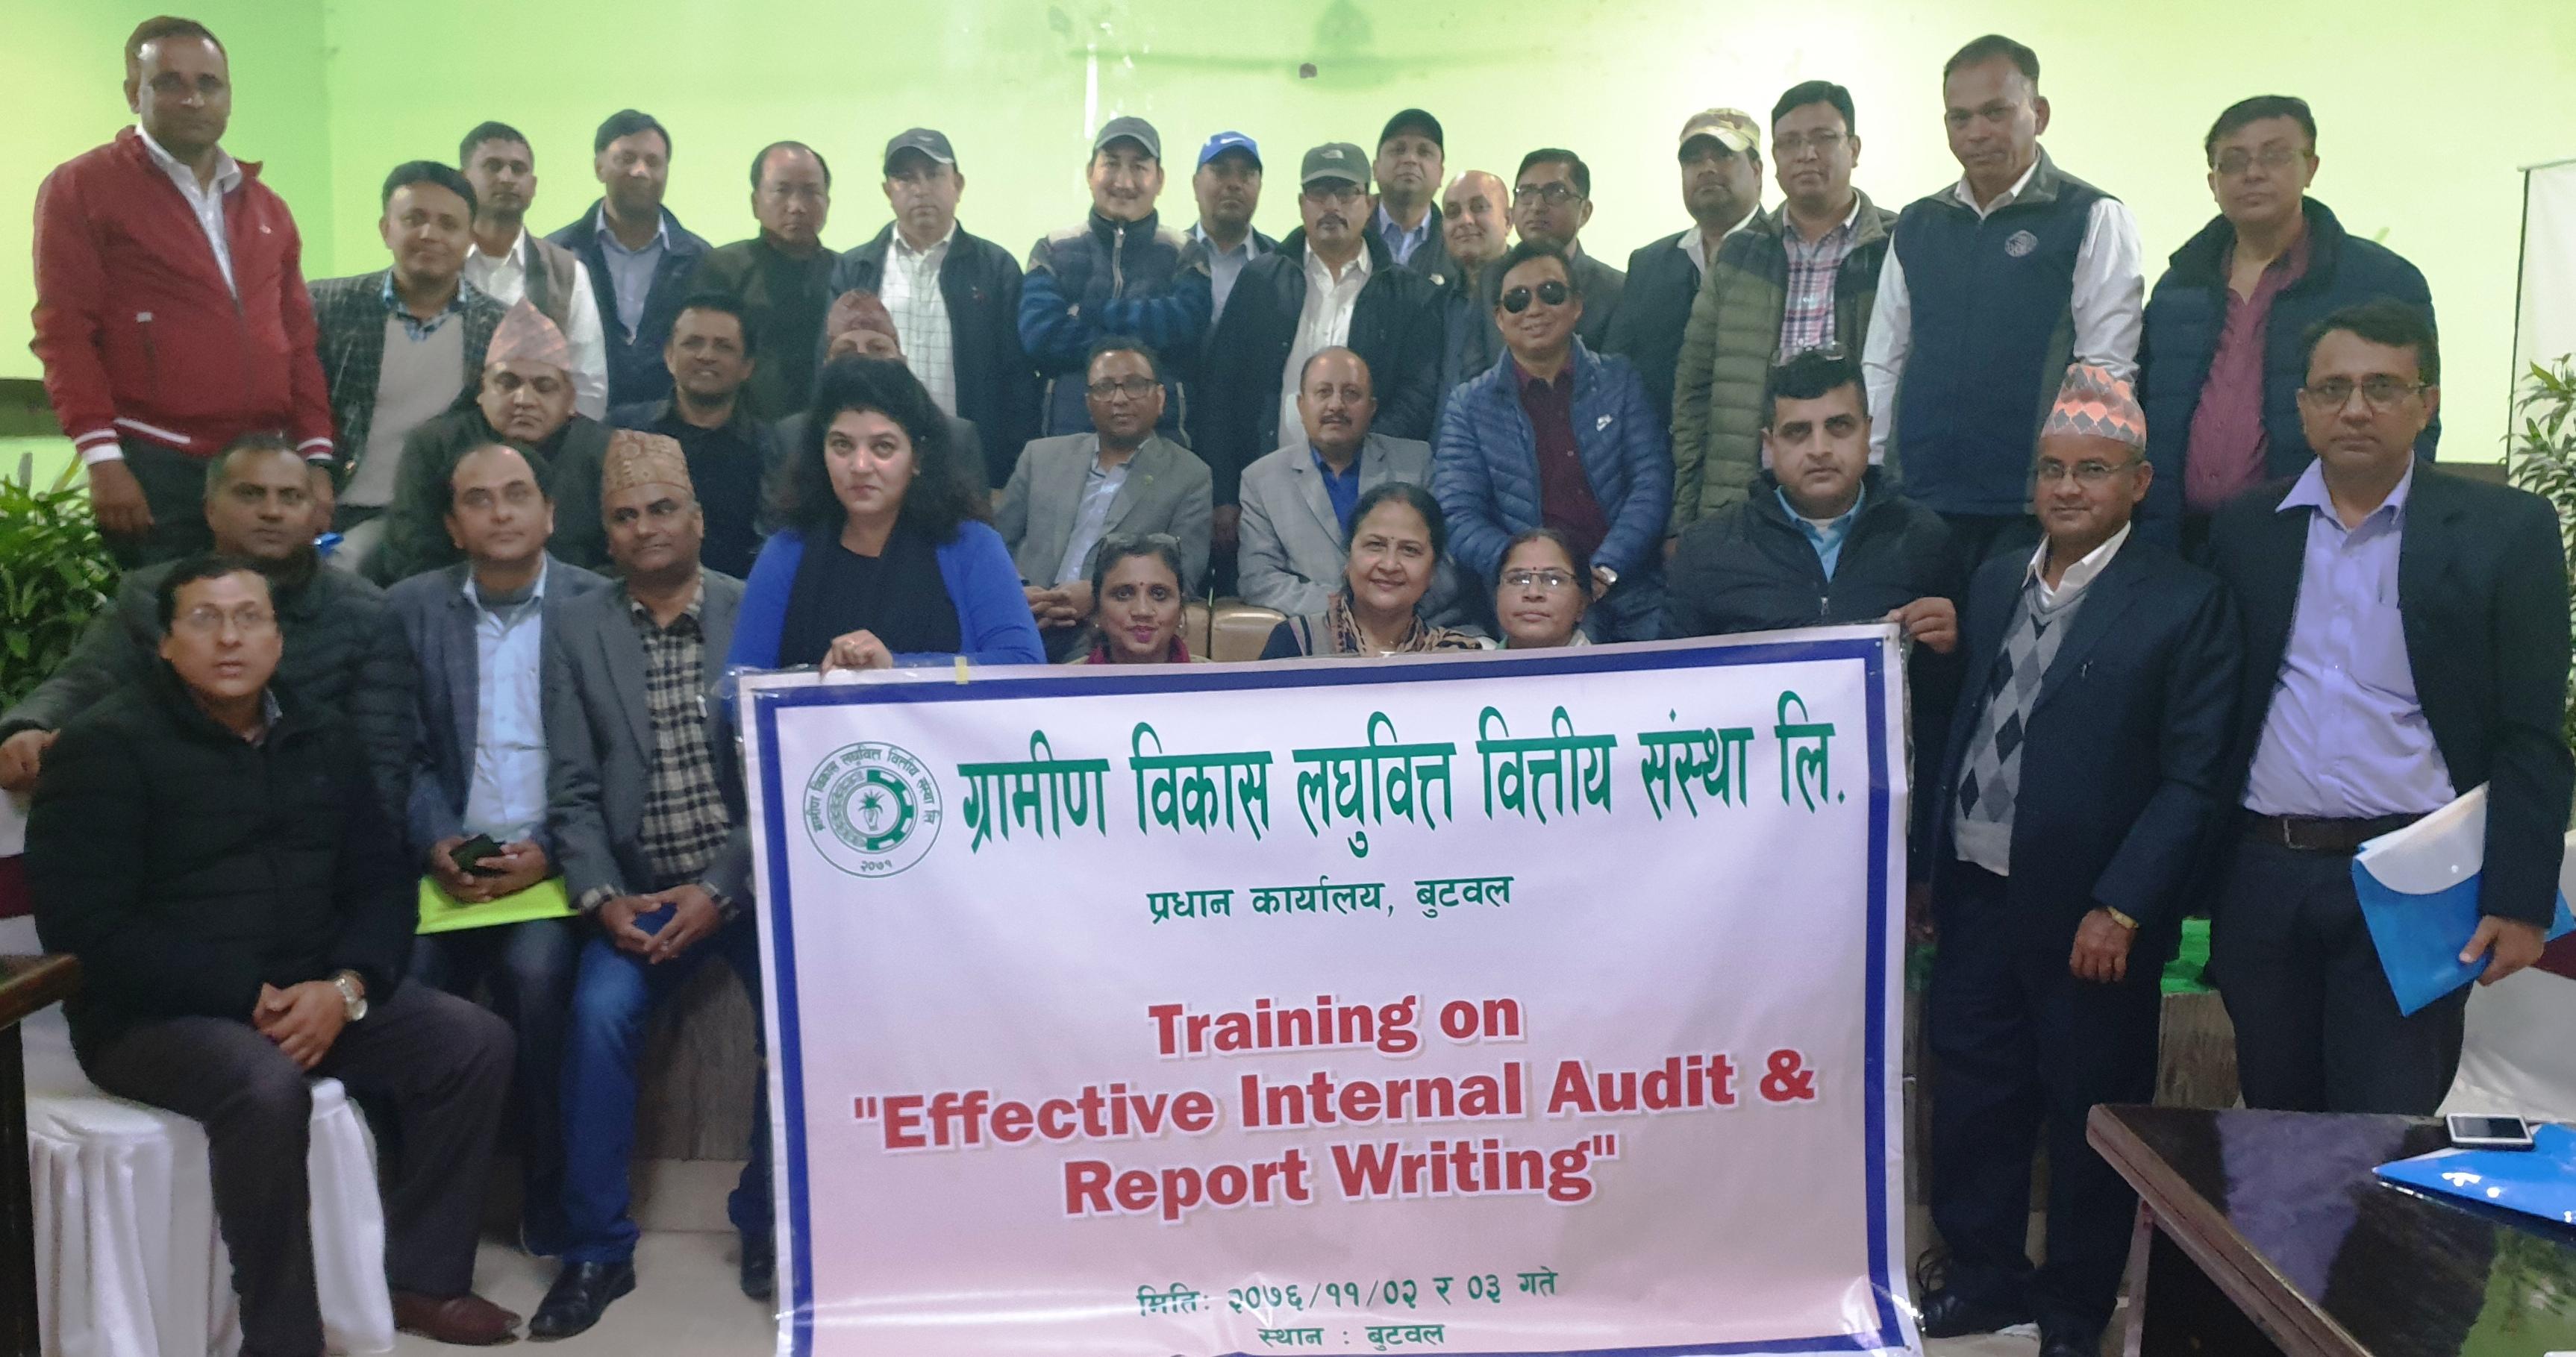 ग्रामीण विकास लघुवित्तद्वारा आन्तरिक लेखापरीक्षण तालिम सम्पन्न